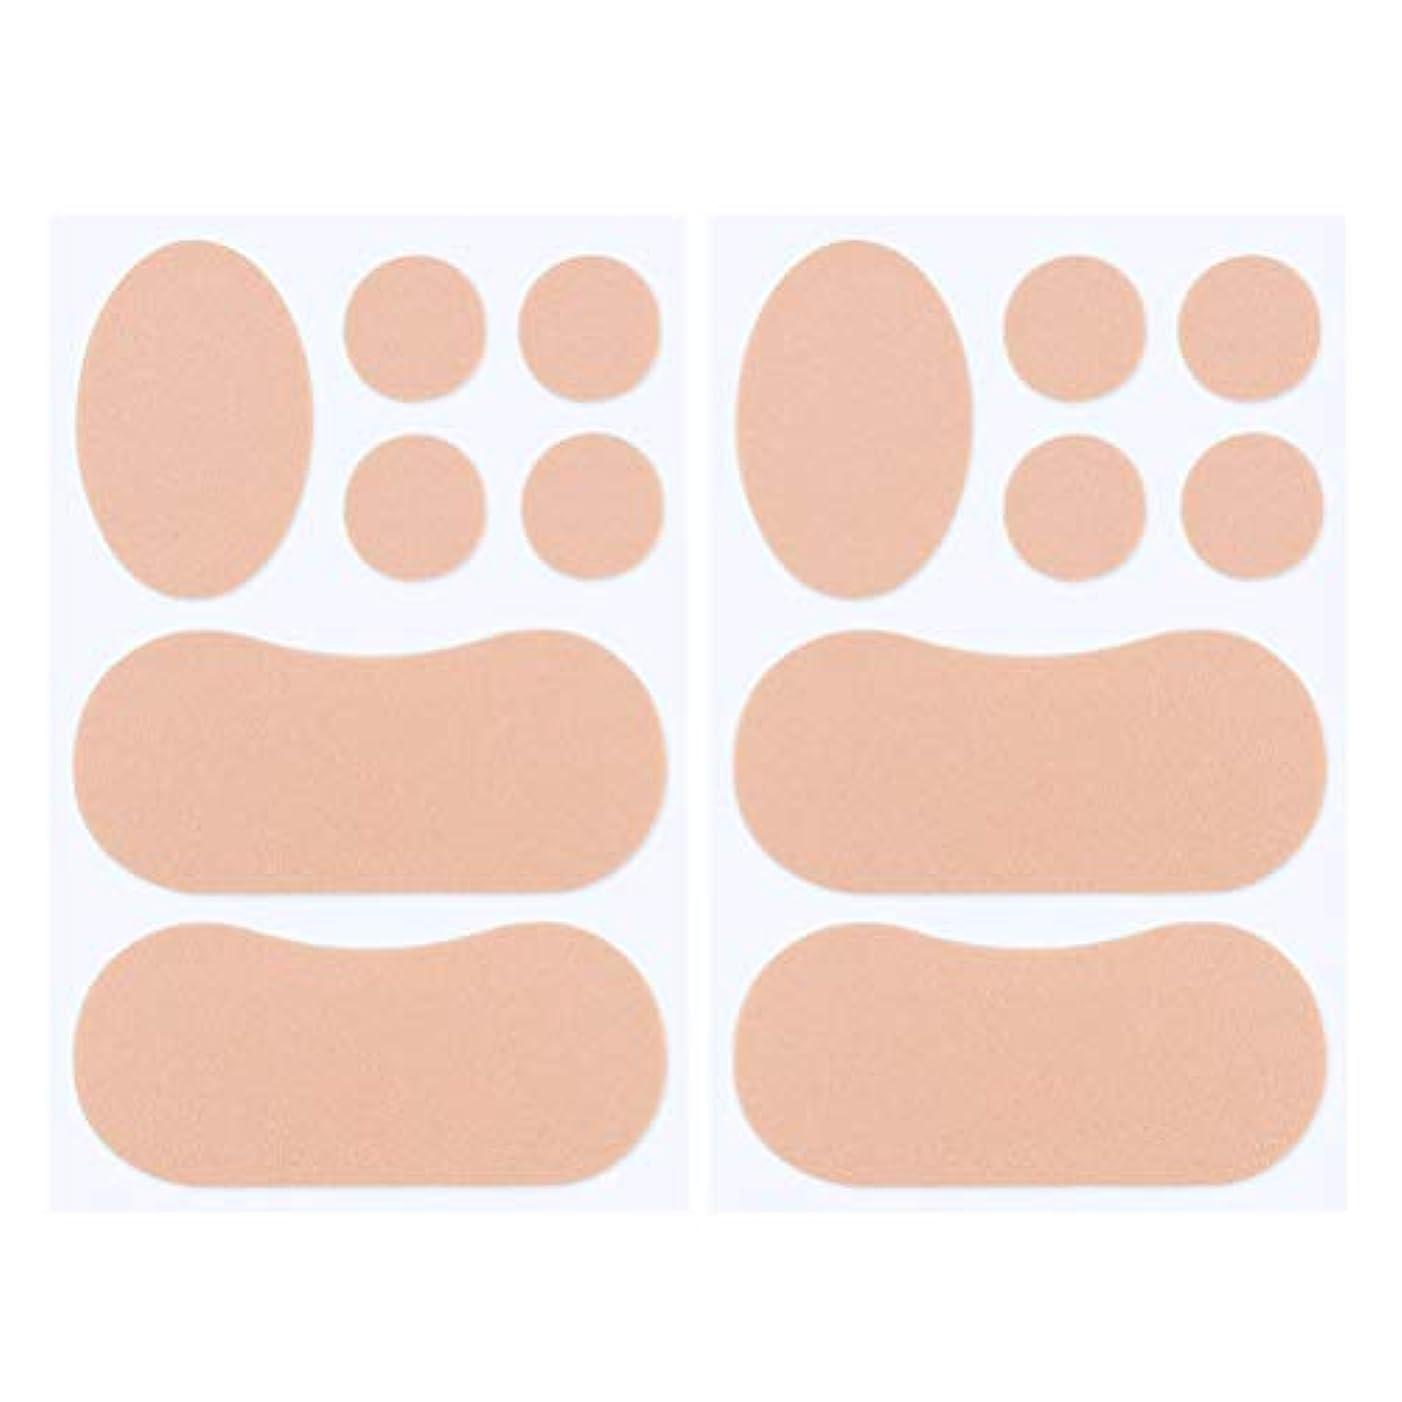 発音する芸術キャメルFrcolor 2セット靴ずれ防止 ヒールステッカー つま先プロテクター フットケア